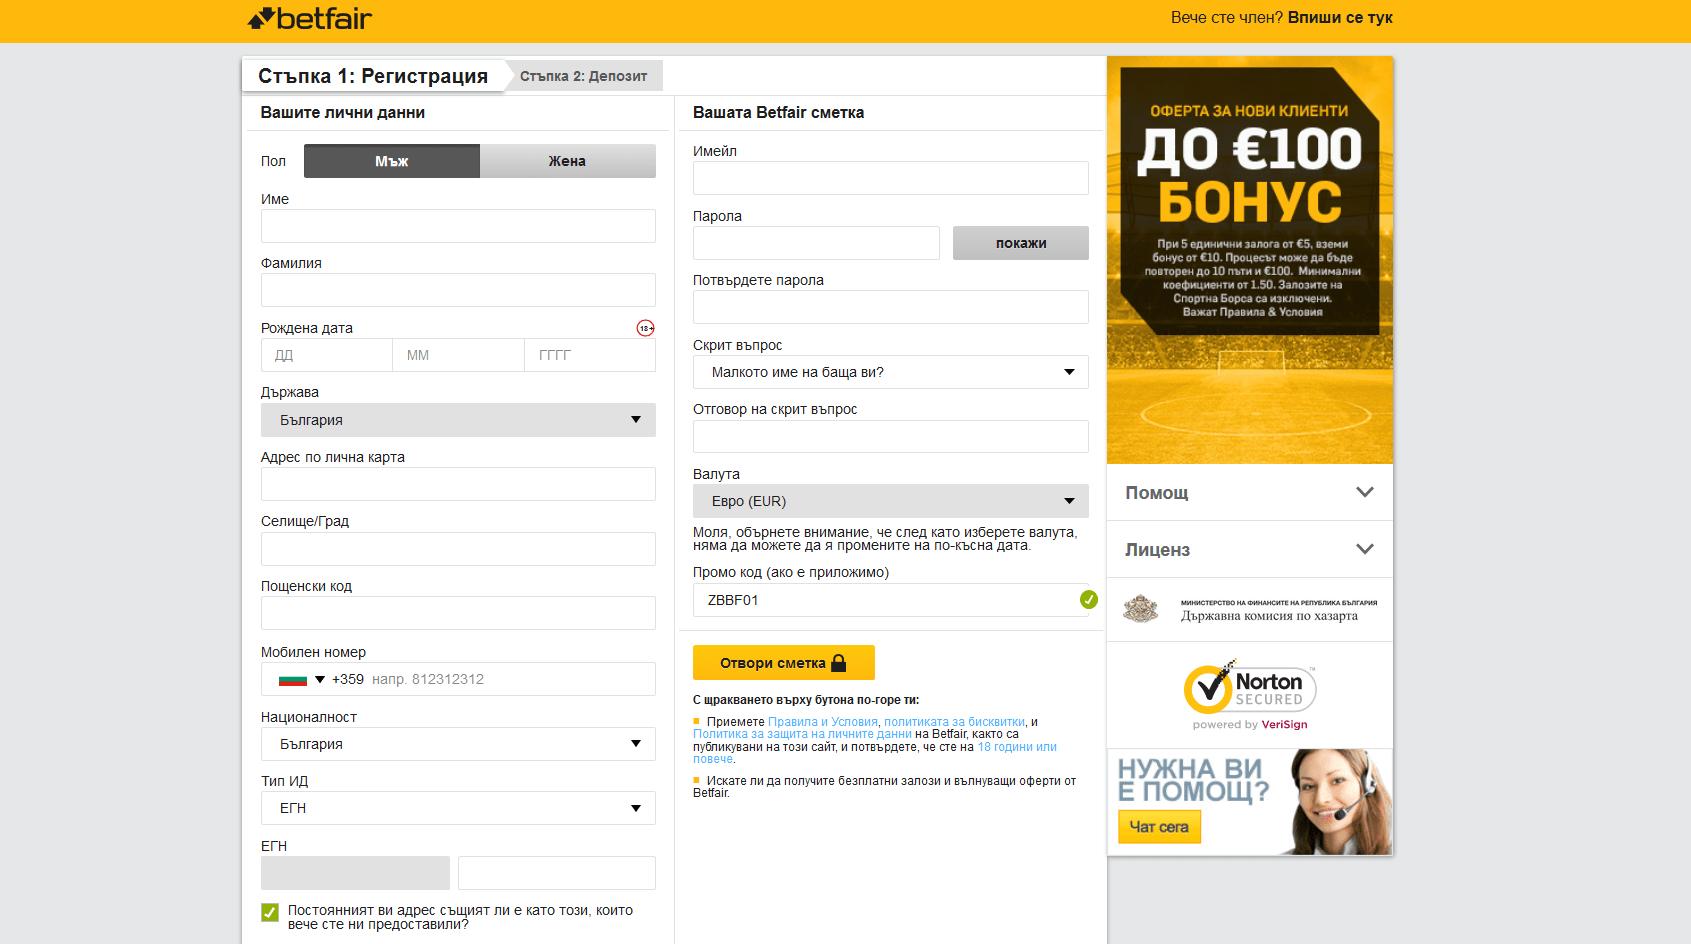 Регистрация в Бетфеър - полета